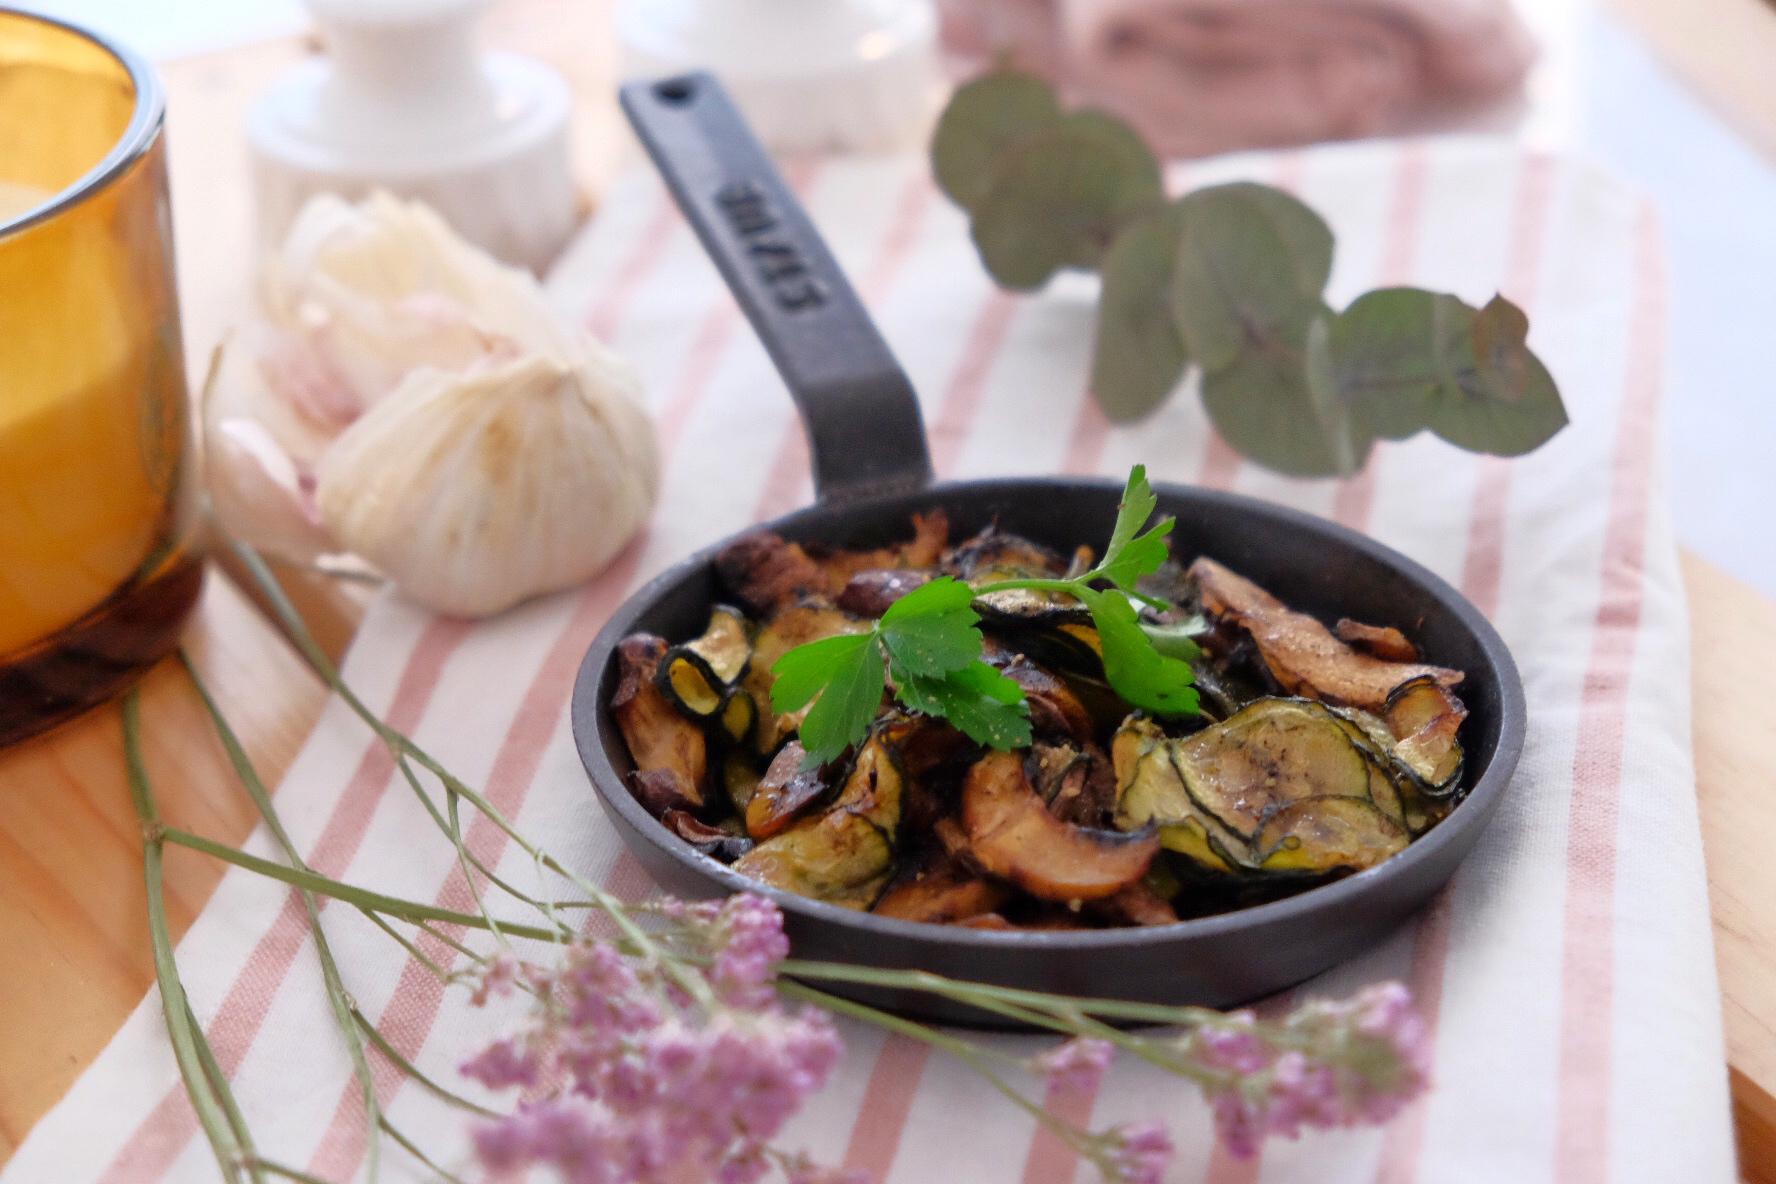 Légumes au four accompagnés d'ail noir.